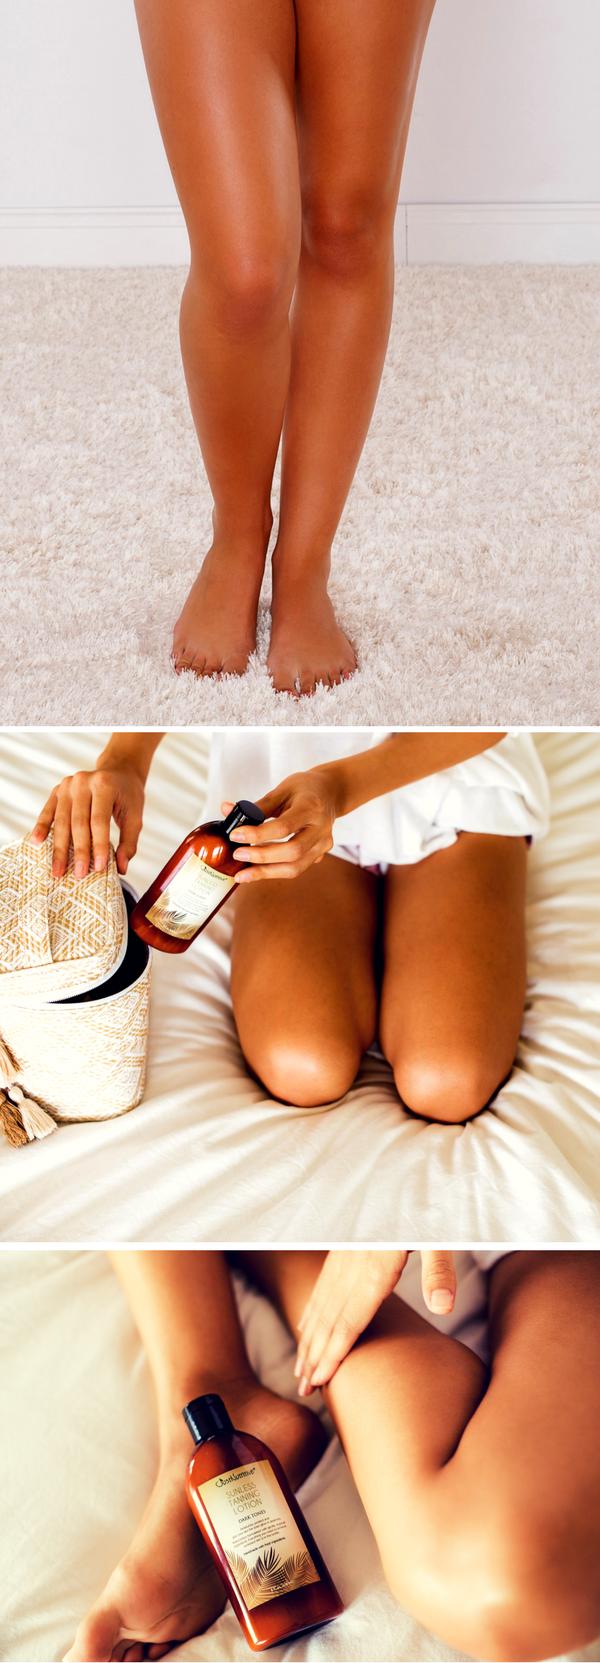 Seksi Pürüzsüz Bacaklar için Güzellik İpuçları